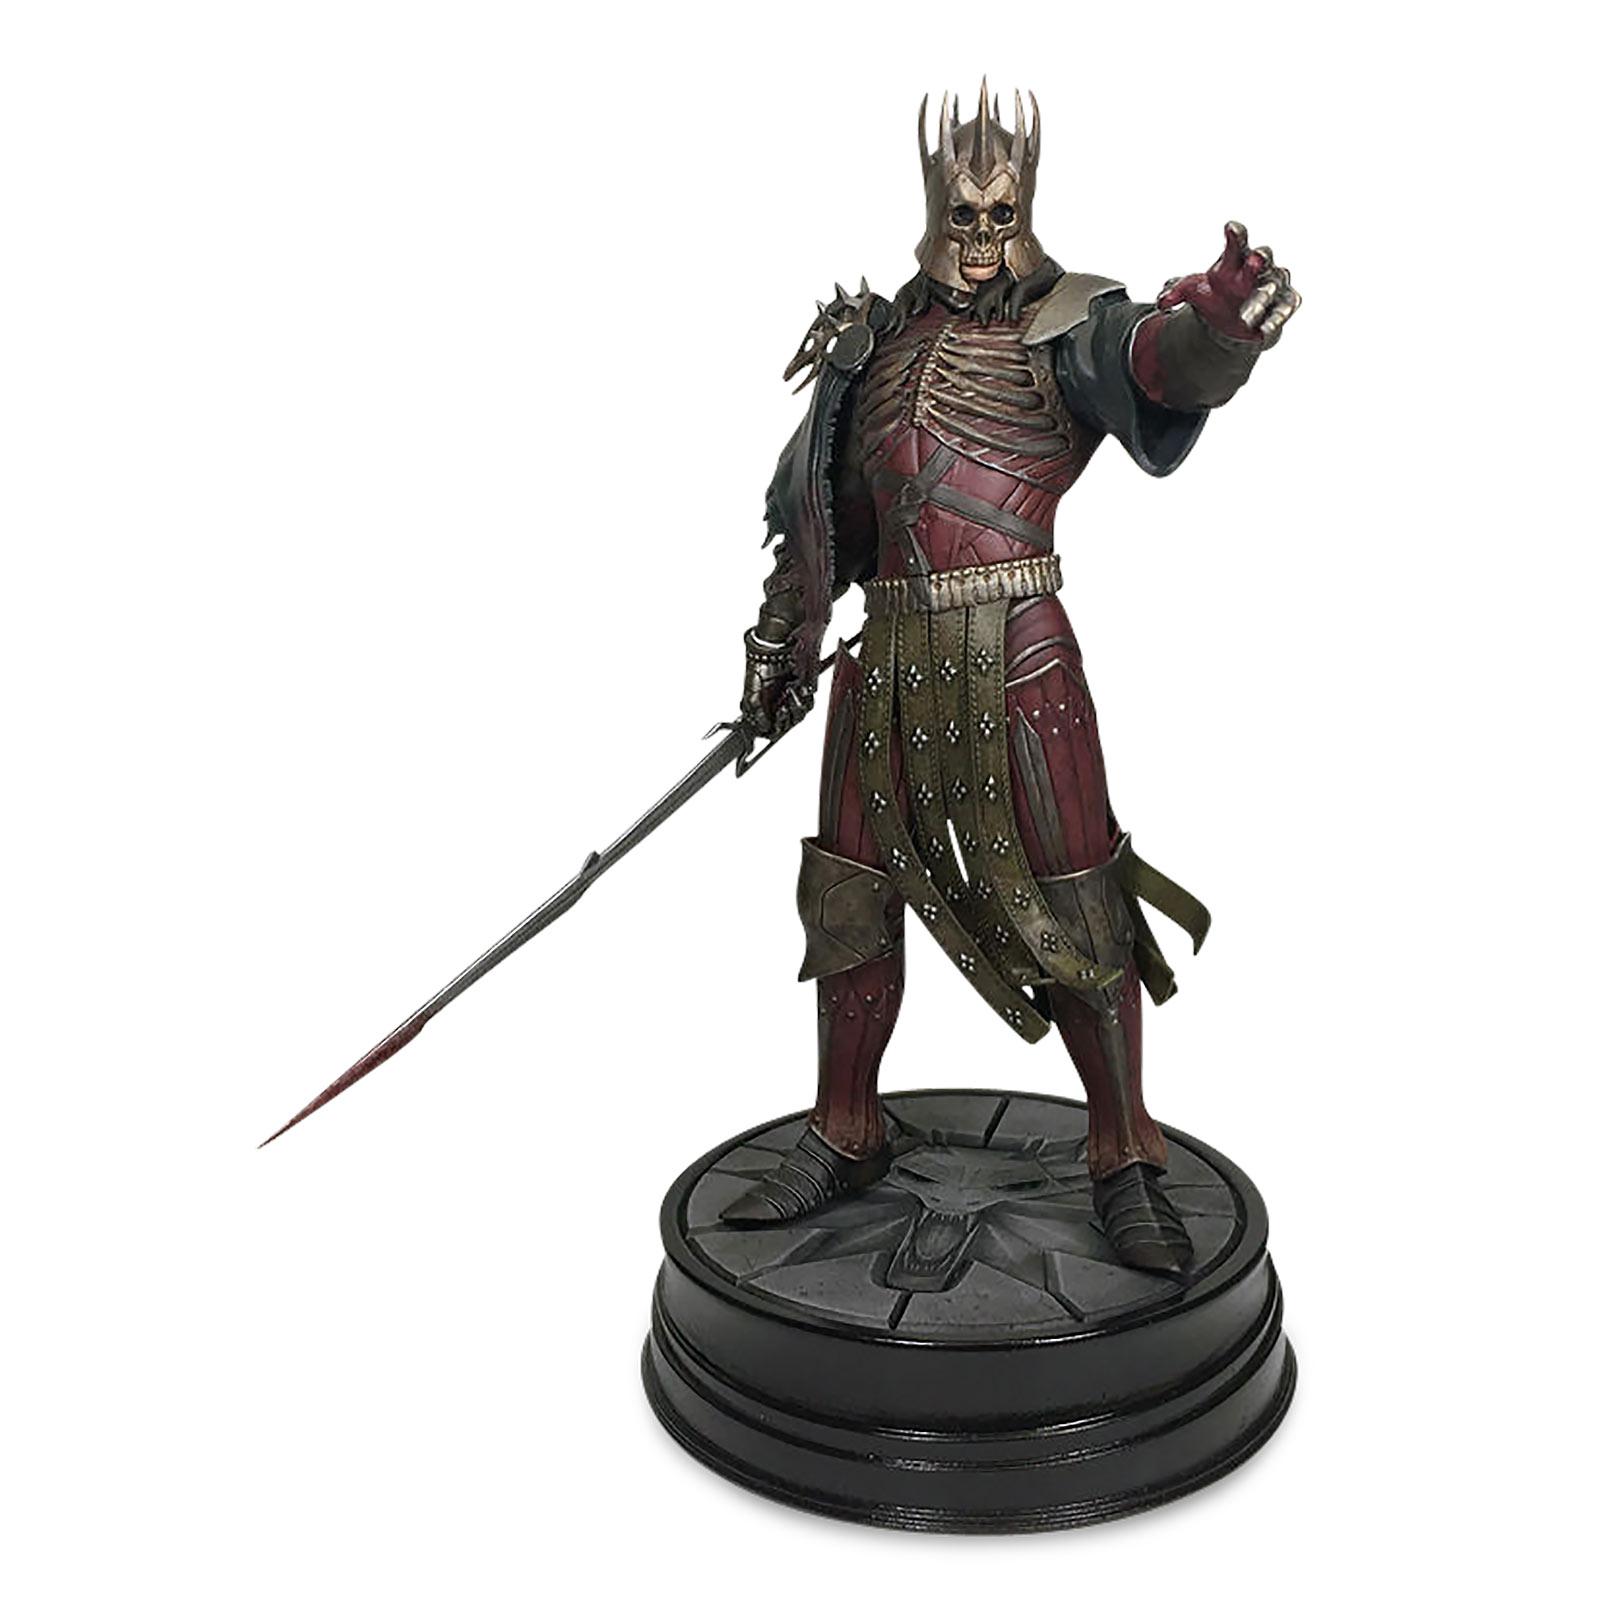 Witcher 3 - King Eredin Statue 22 cm